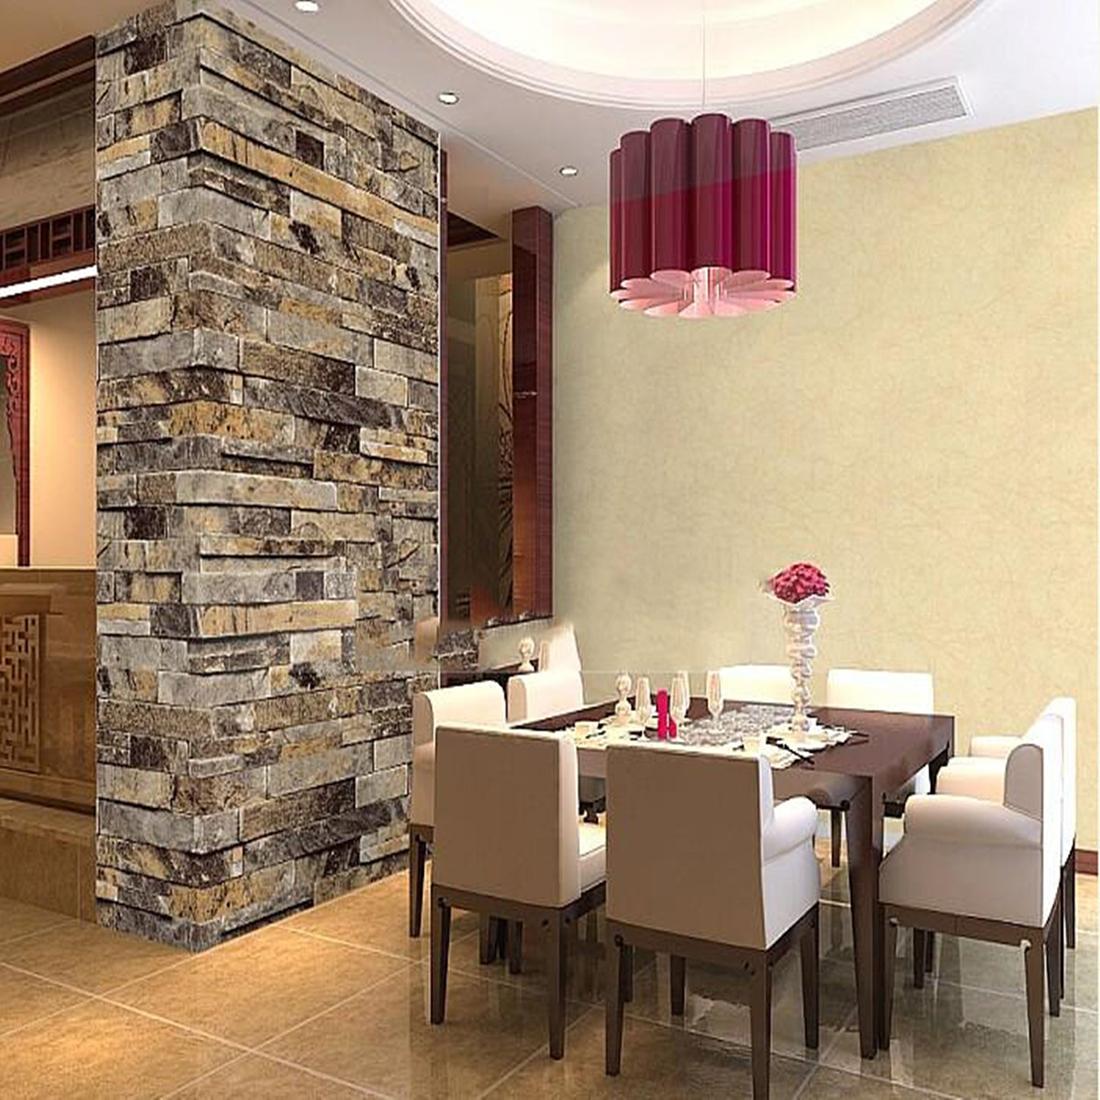 Vergelijk prijzen op stones bricks   online winkelen / kopen lage ...